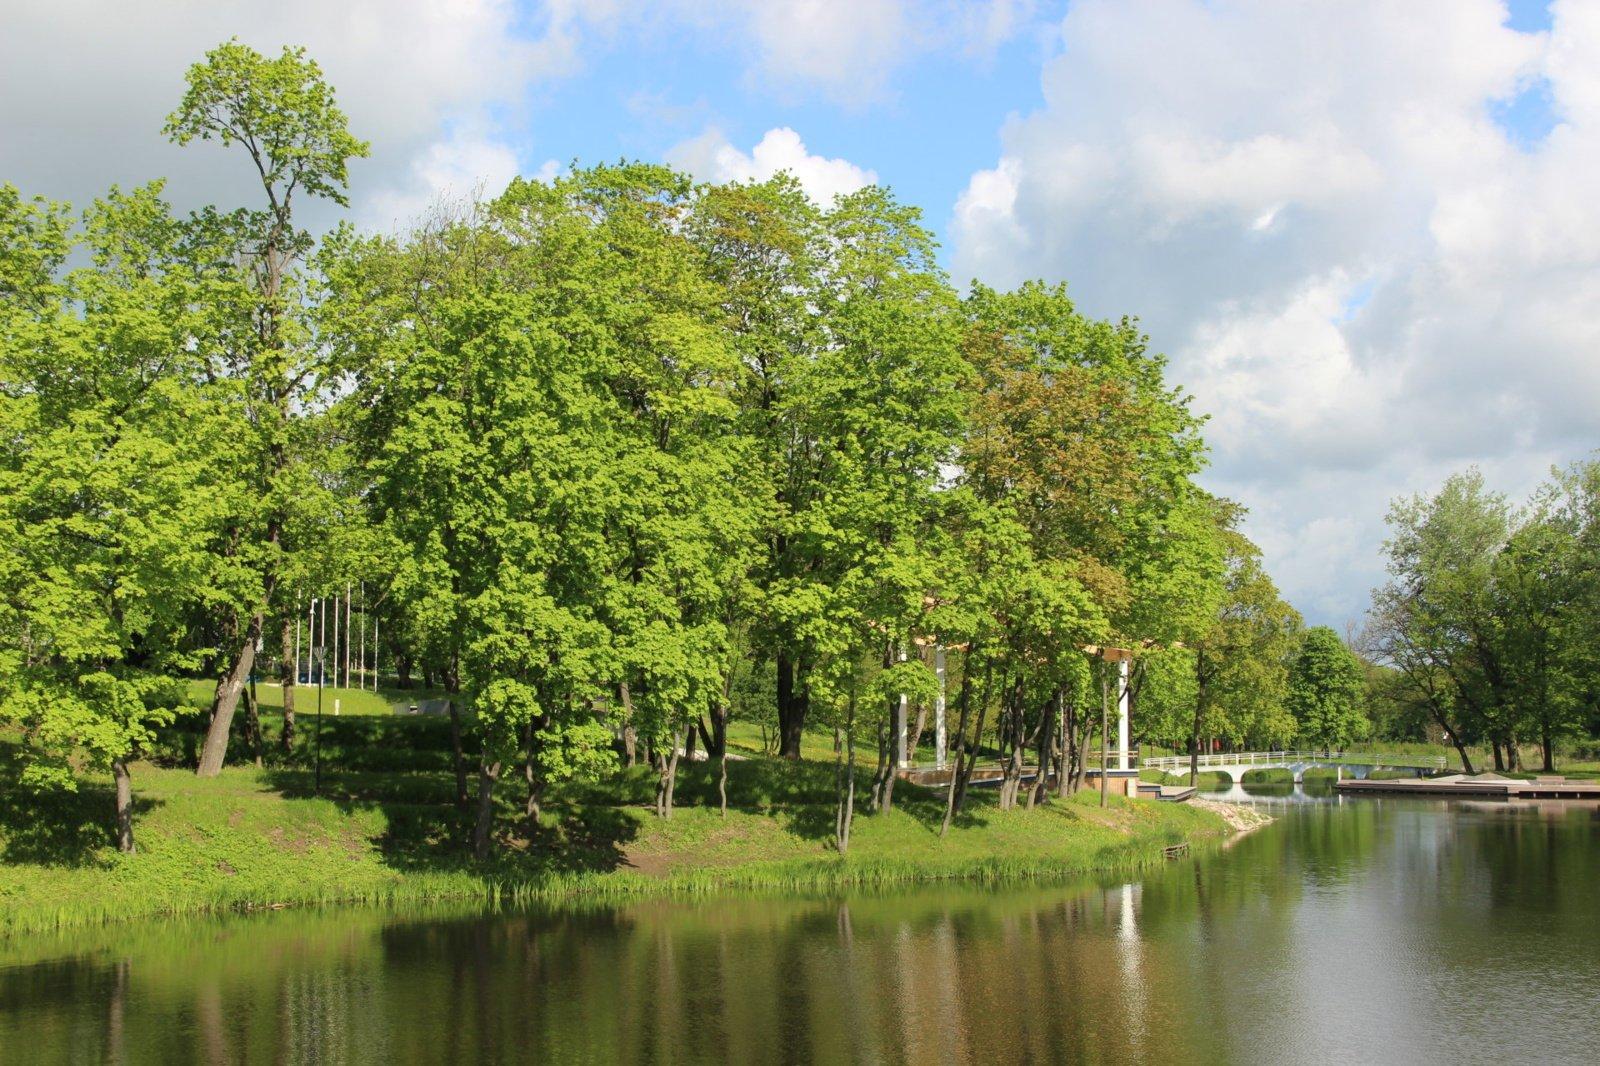 Savivaldybė įspėjo Kėdainių rajono įmones dėl padidėjusių nemalonių kvapų